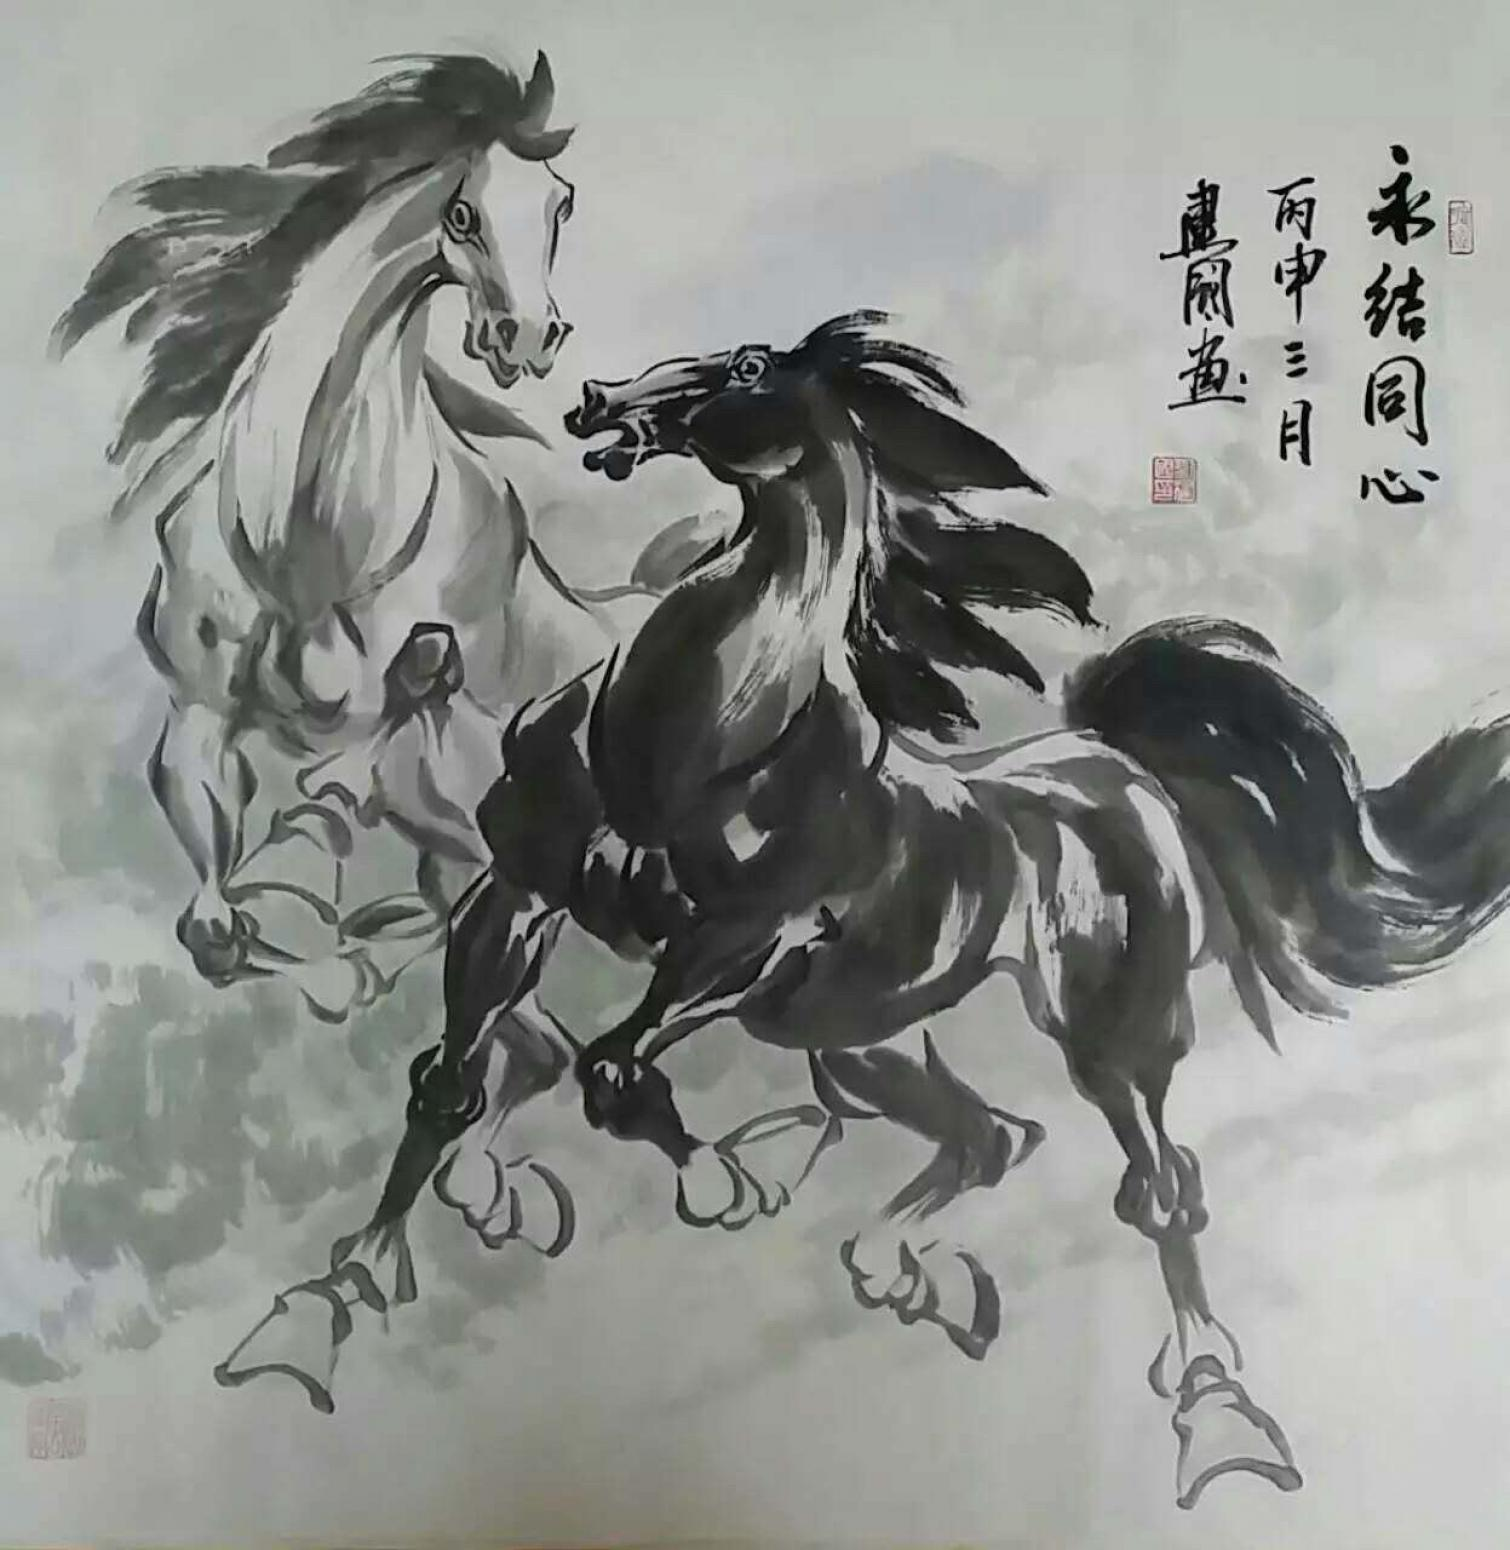 刘建国国画作品《【永结同心】作者刘建国》【图0】